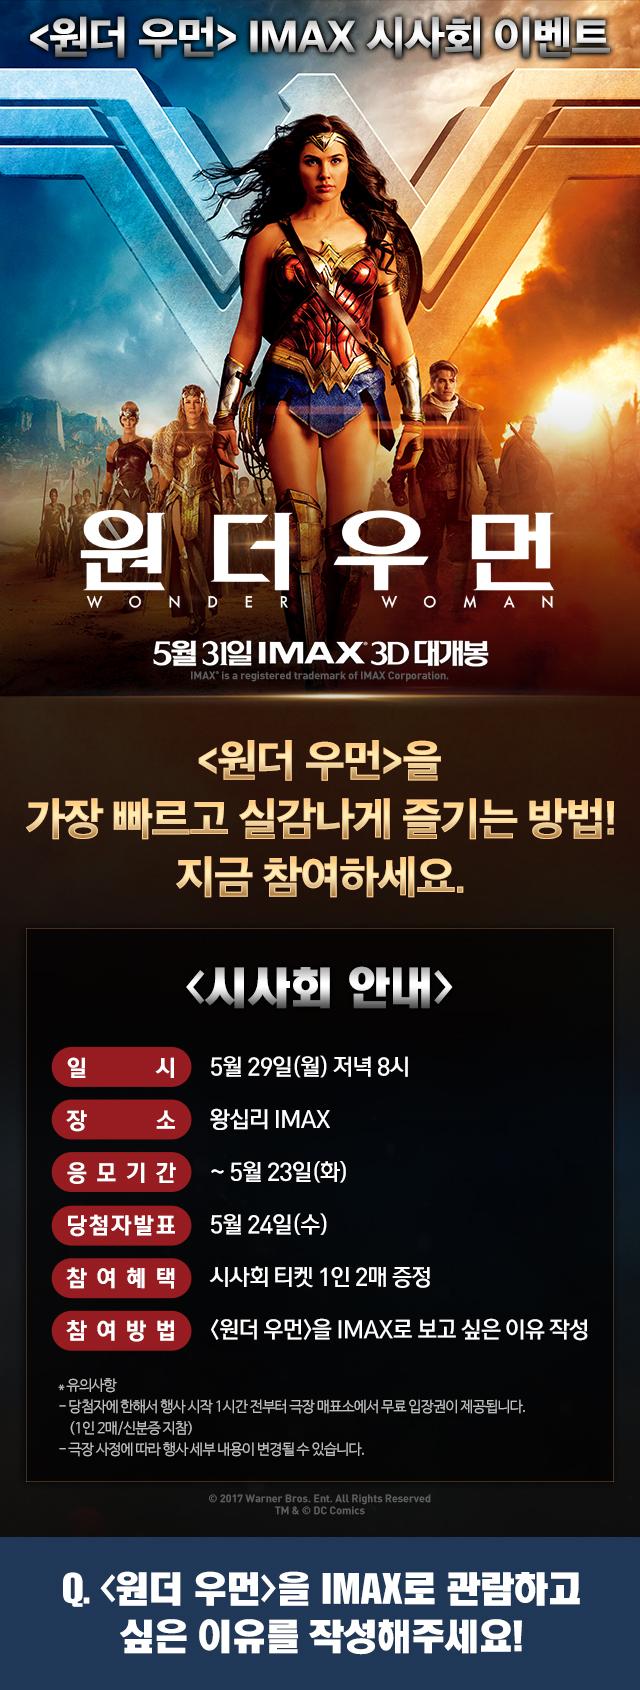 [원더 우먼]IMAX 시사회